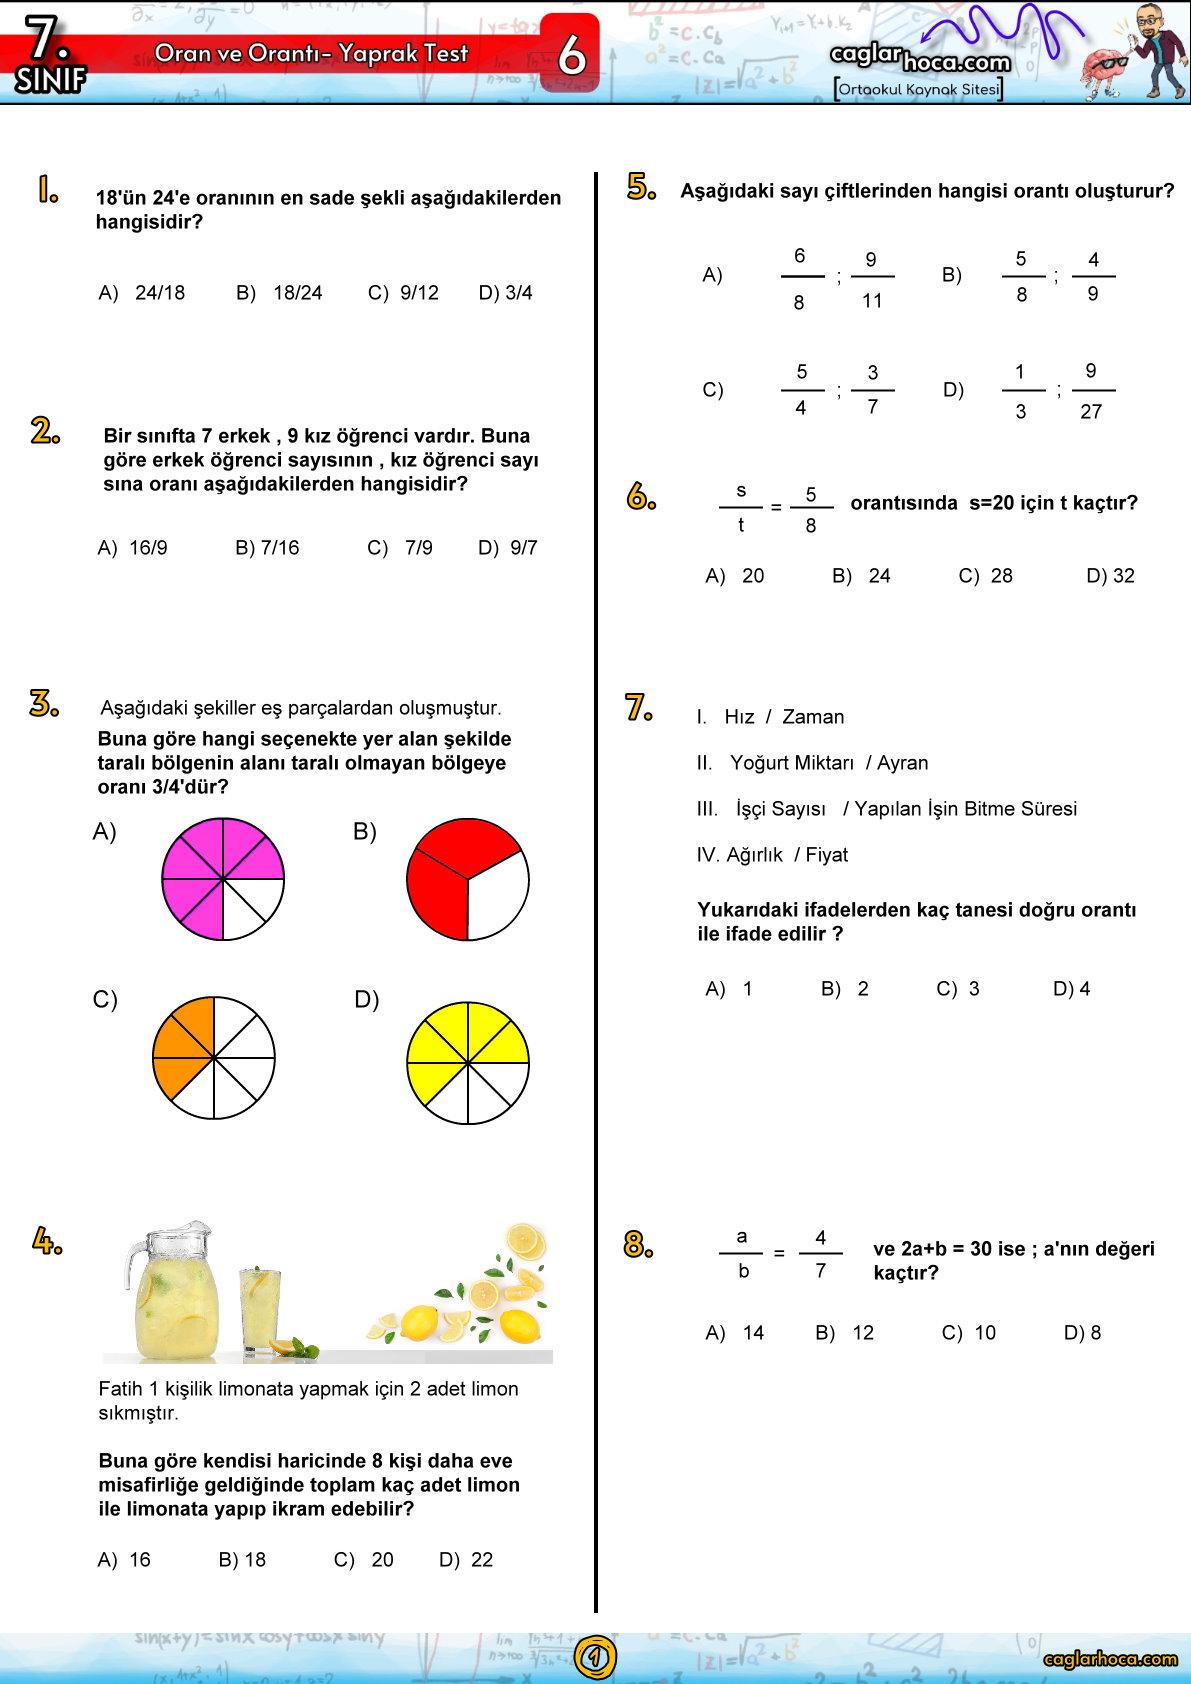 7.sınıf 6.ünite oran orantı yaprak test